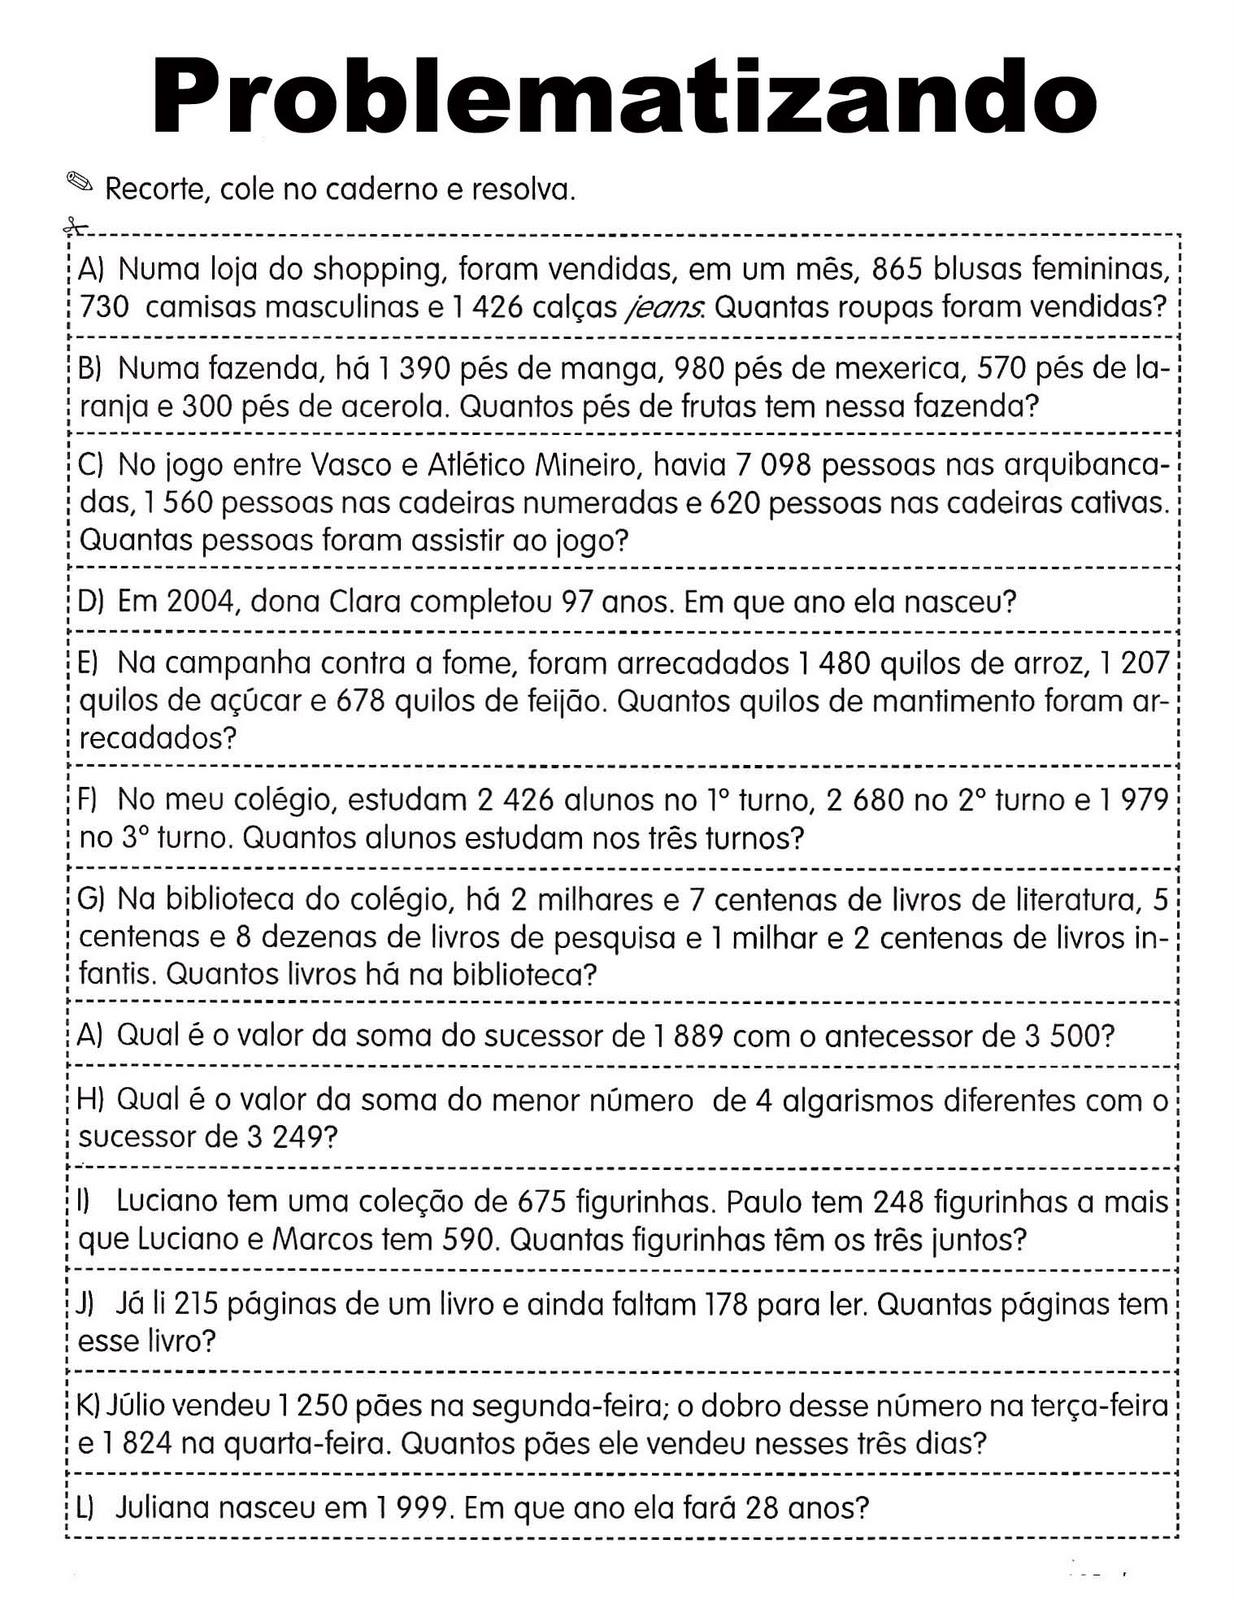 Ideias De Problemas De Matematica Para O 4º Ano